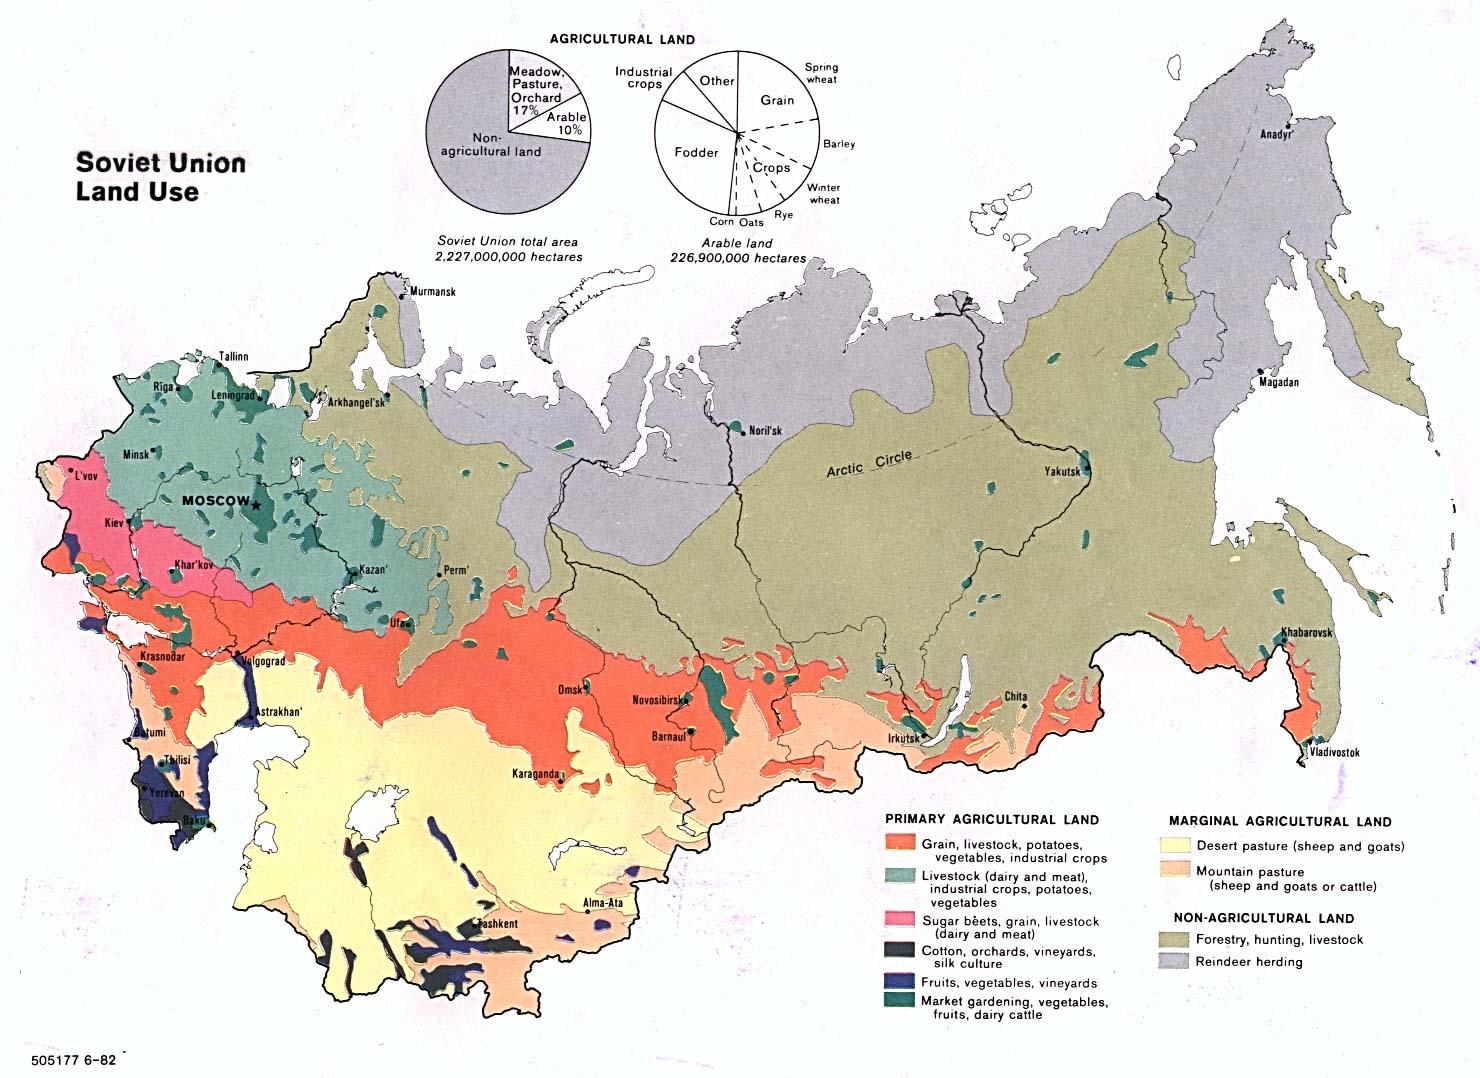 Mapa del Uso de la Tierra en la ex Unión Soviética